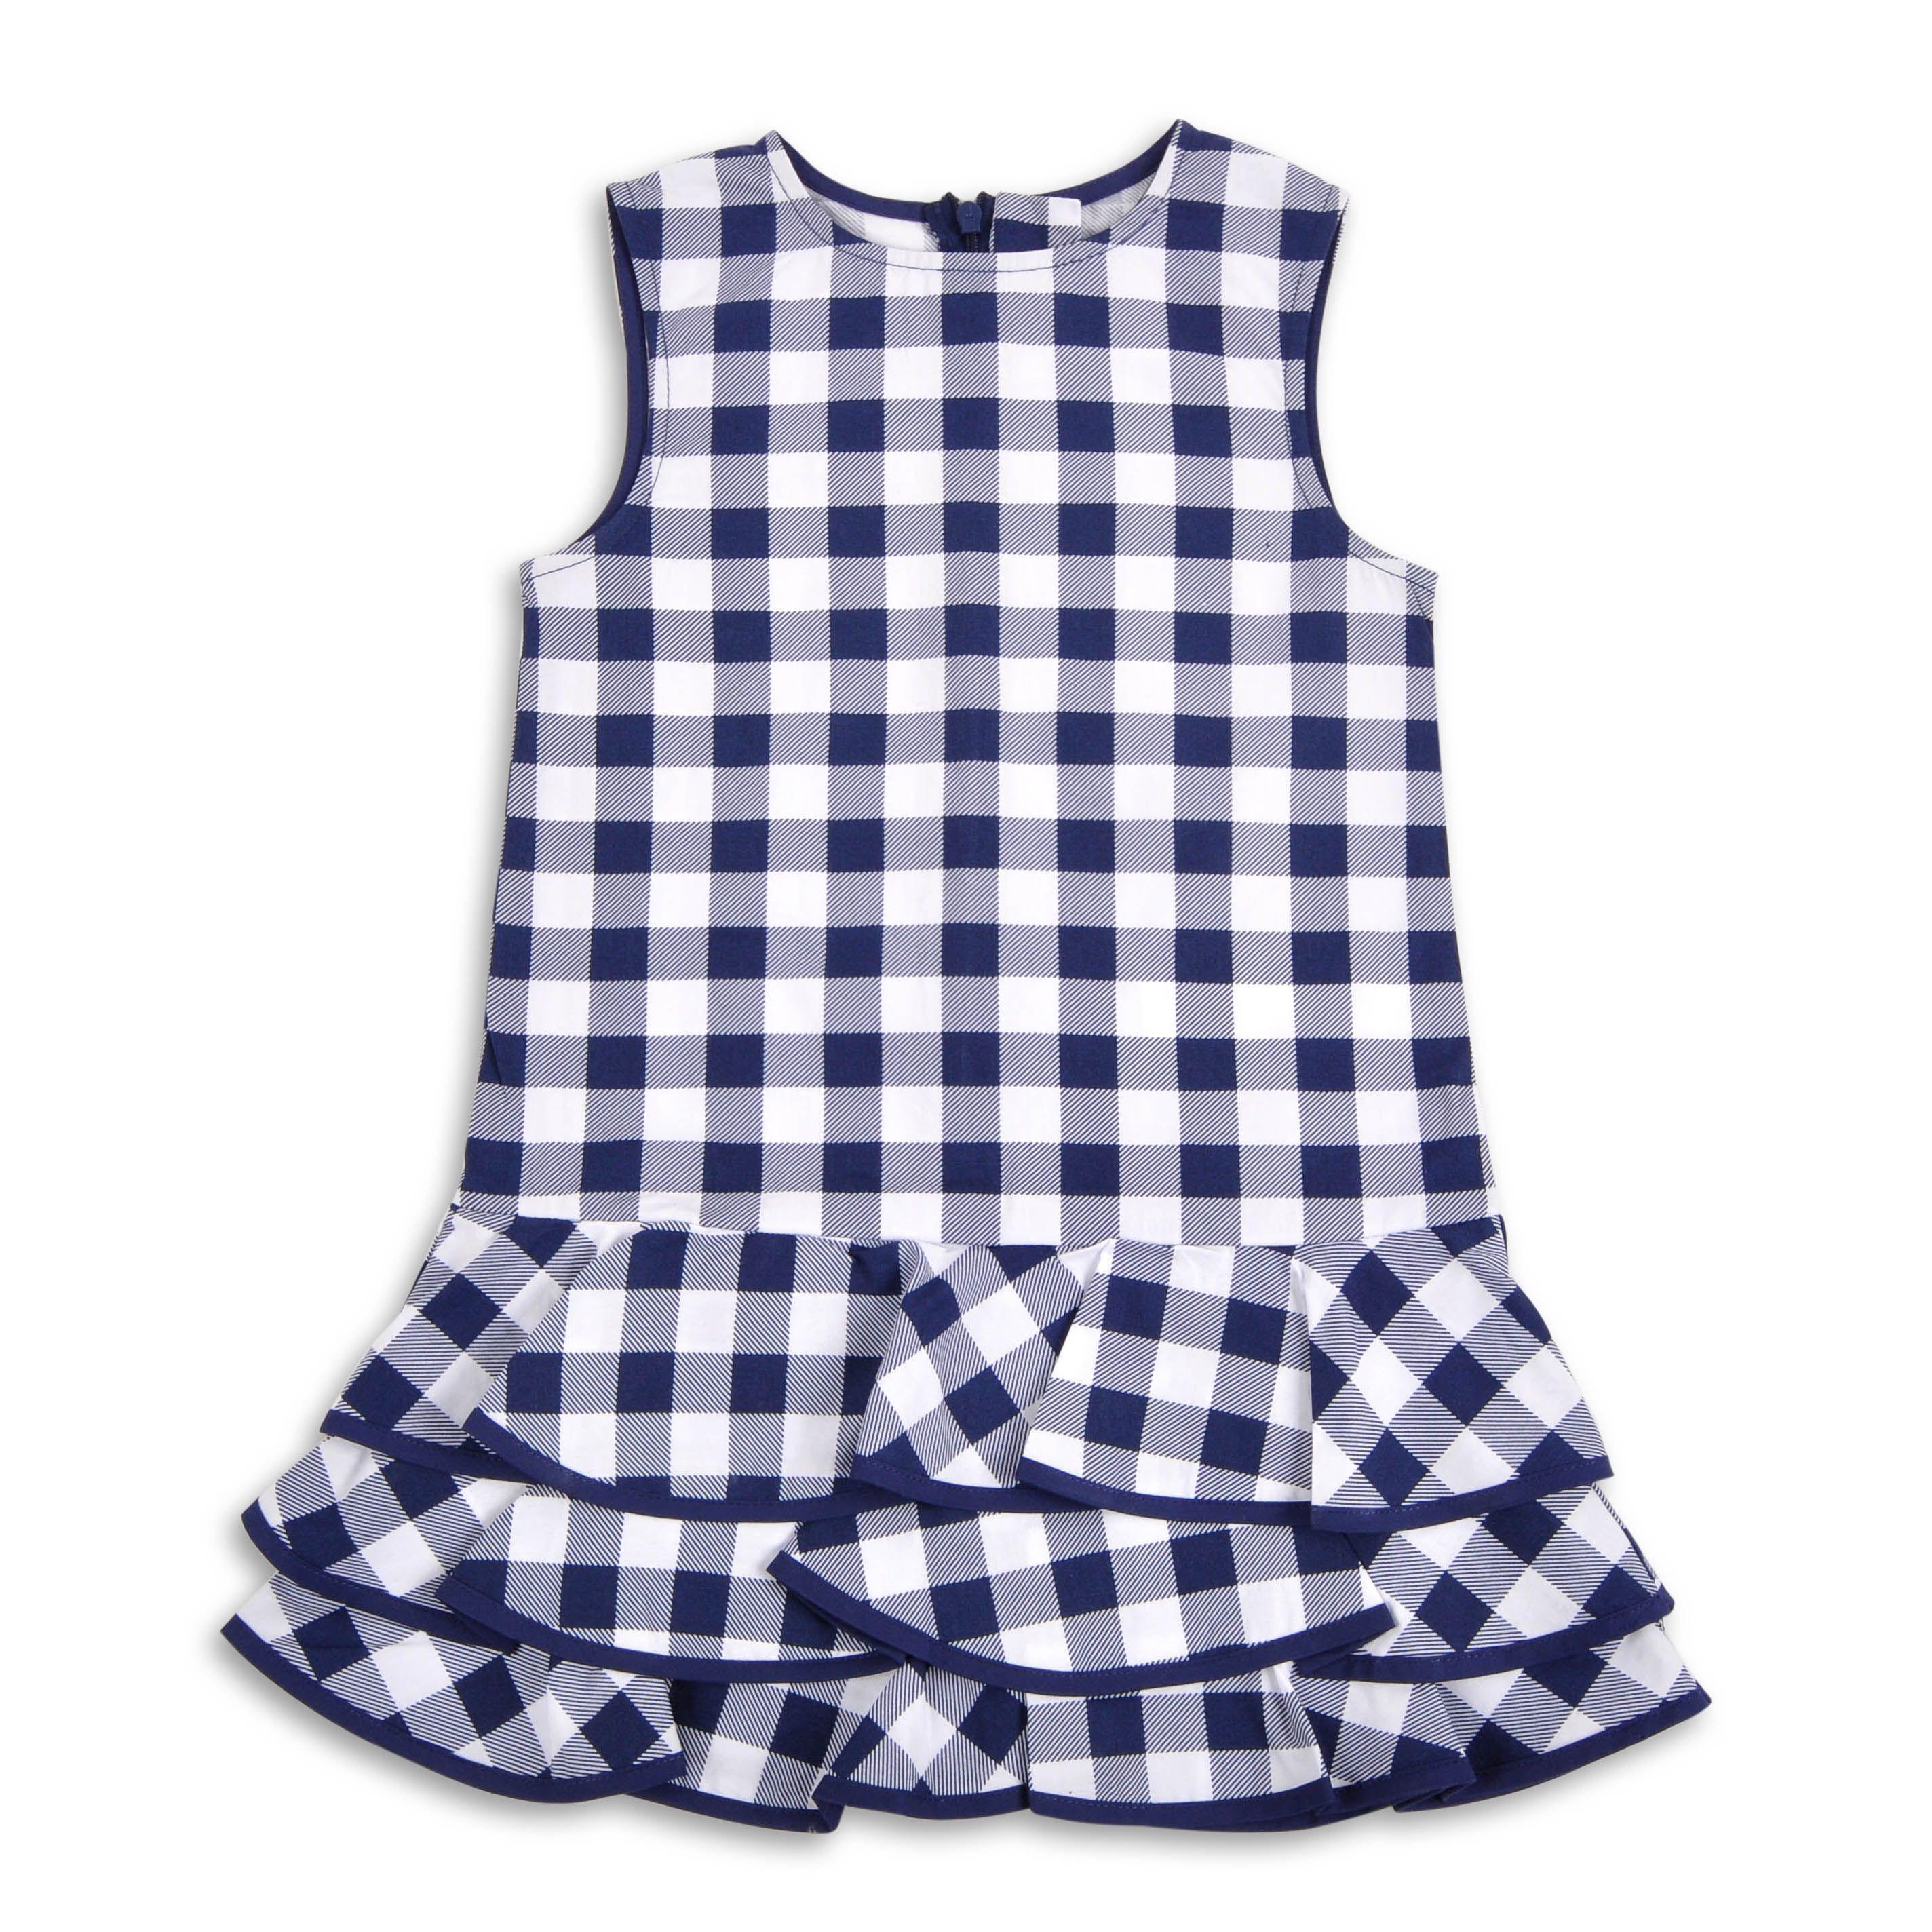 aee1e5b333 Vestido EPK para niña de vichy (cuadros) color azul marino ...